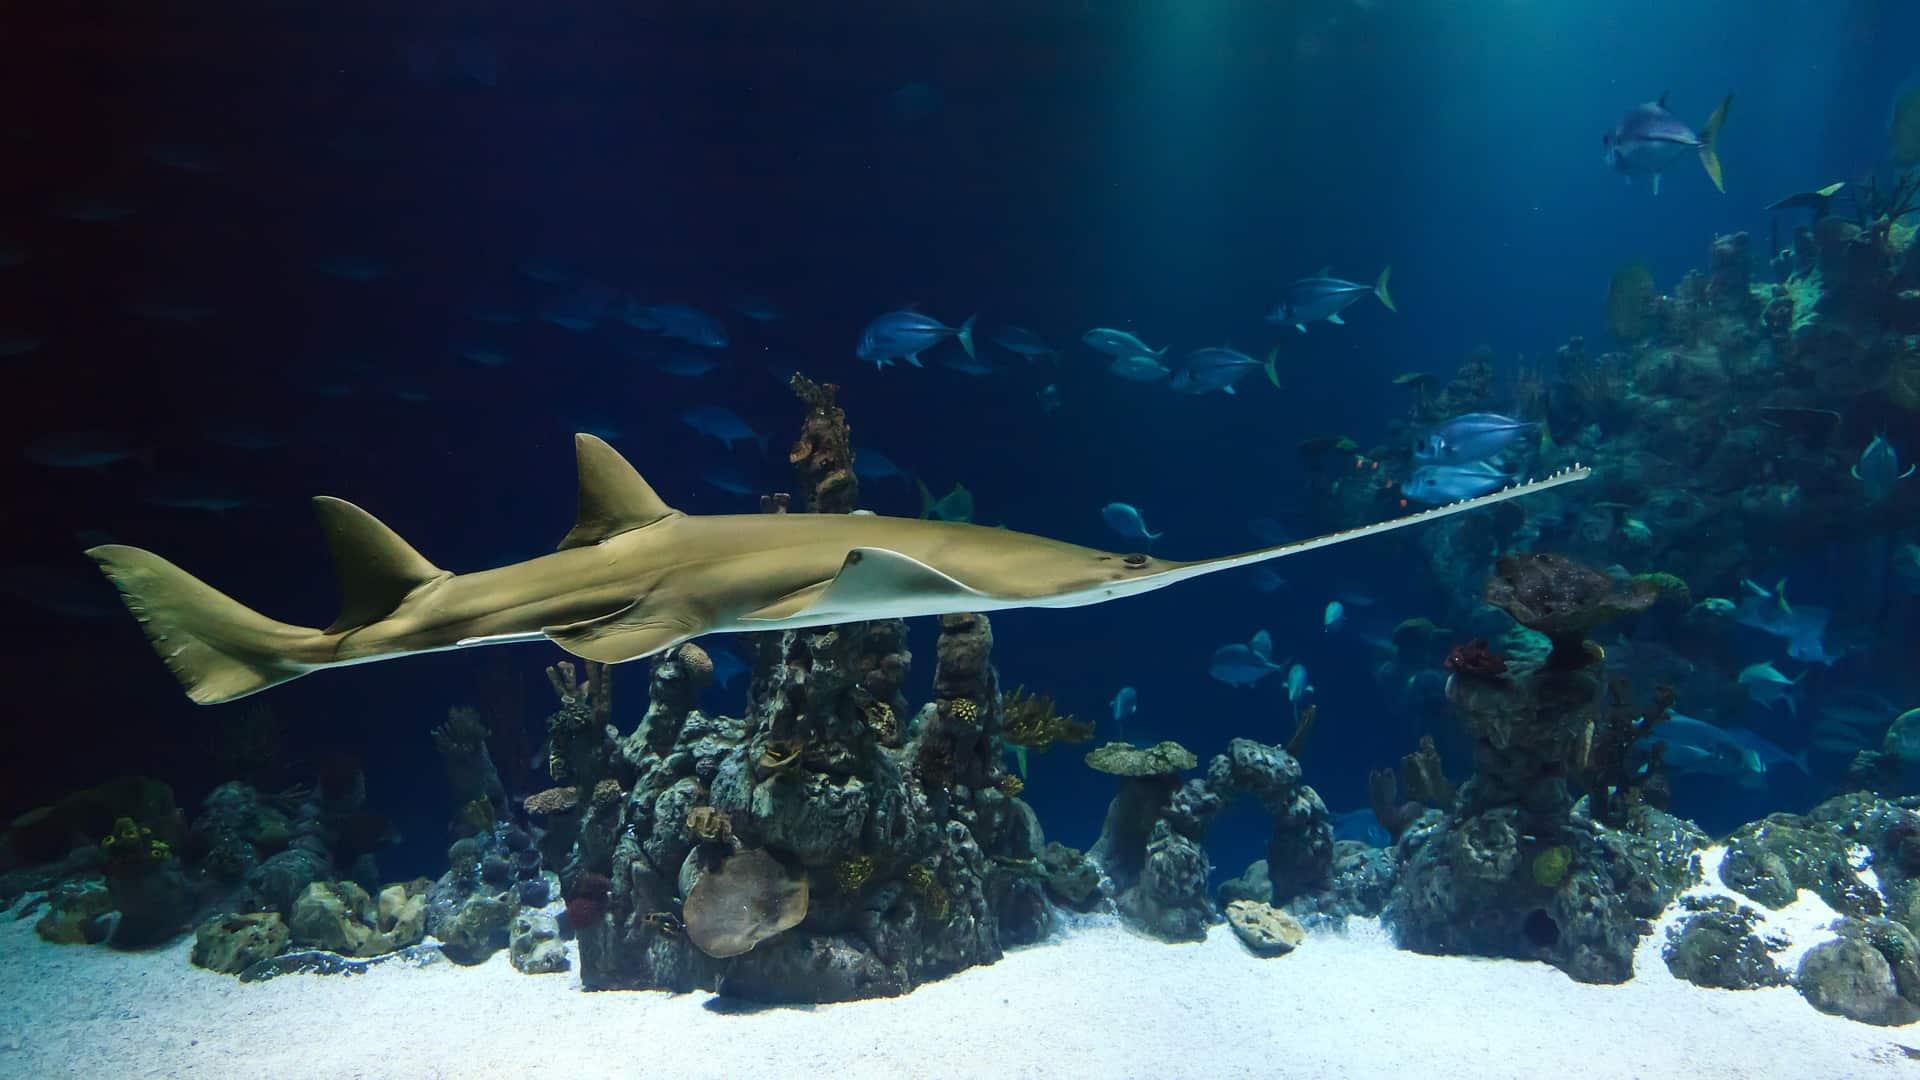 Unterwasserfotografie – die 4 besten Tipps für schöne Fotos